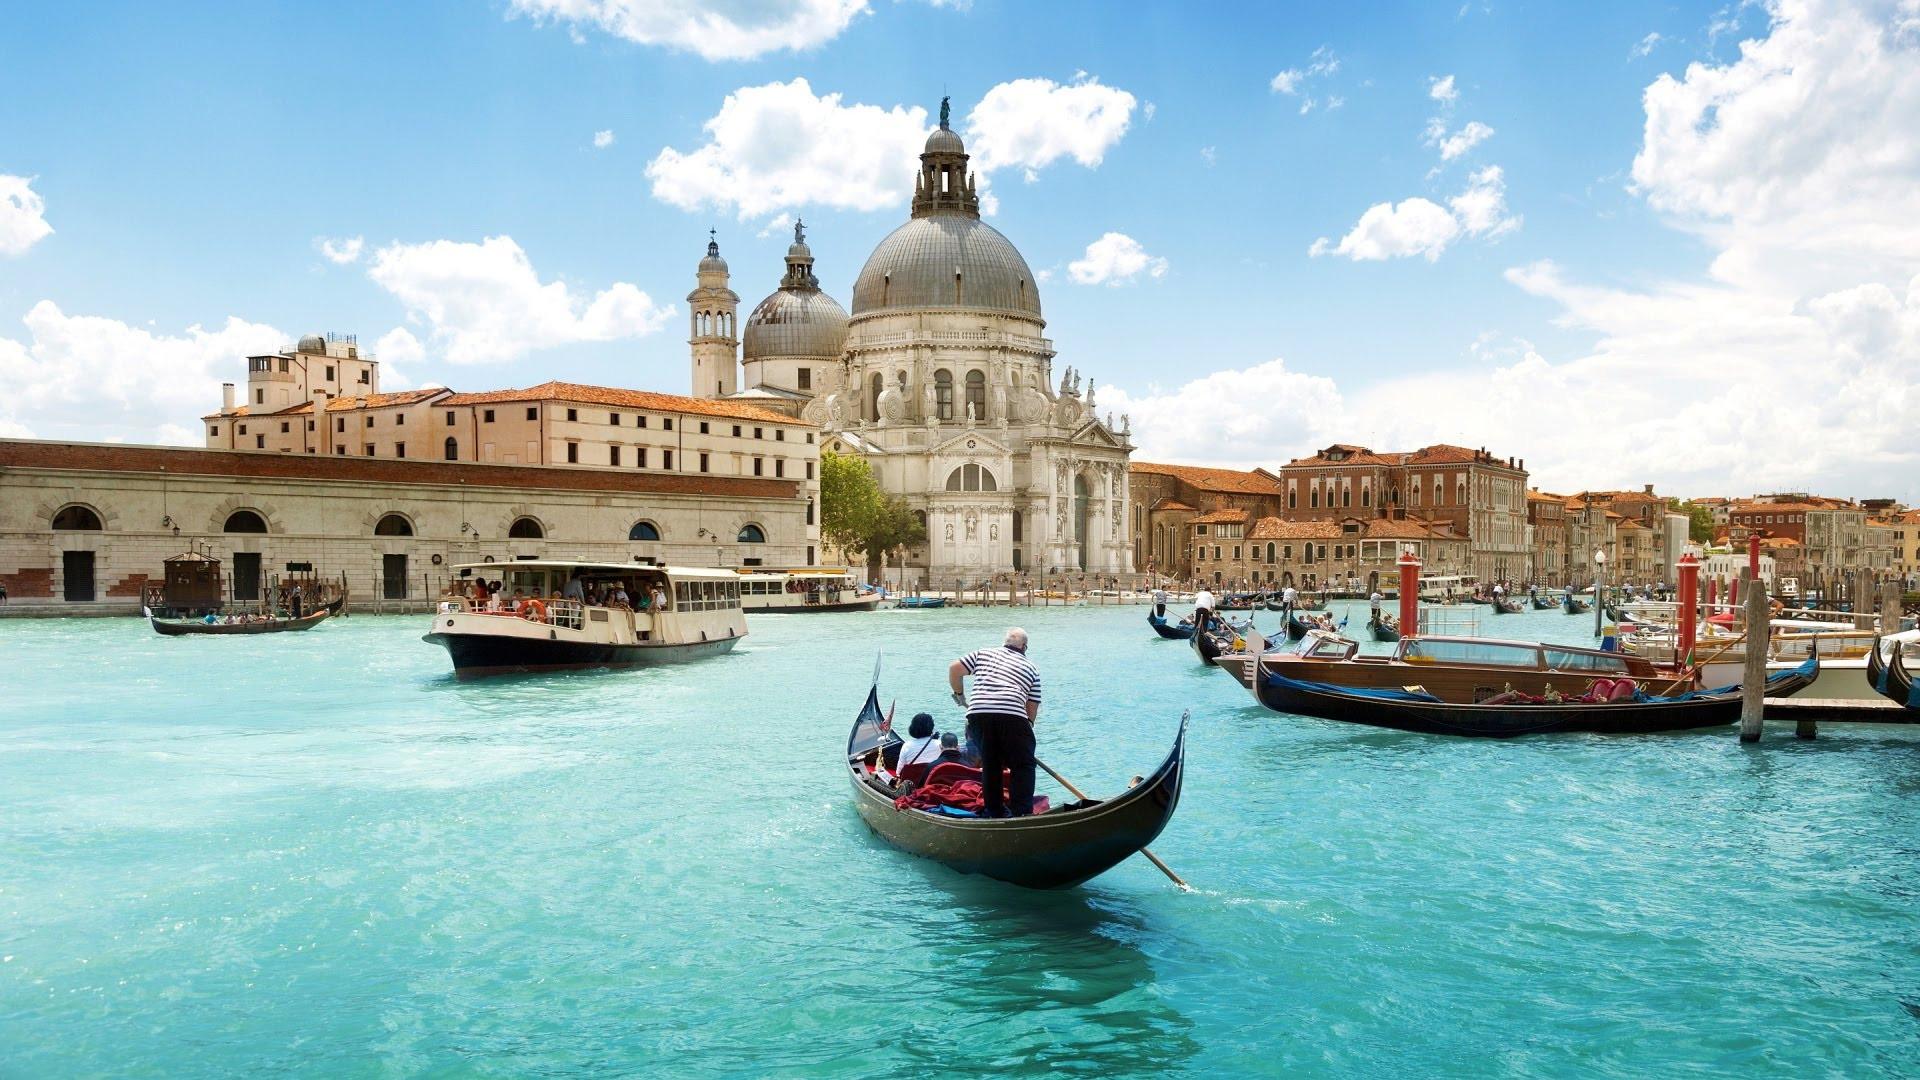 Bật mí kinh nghiệm giúp các bạn xin visa đi du lịch châu Âu